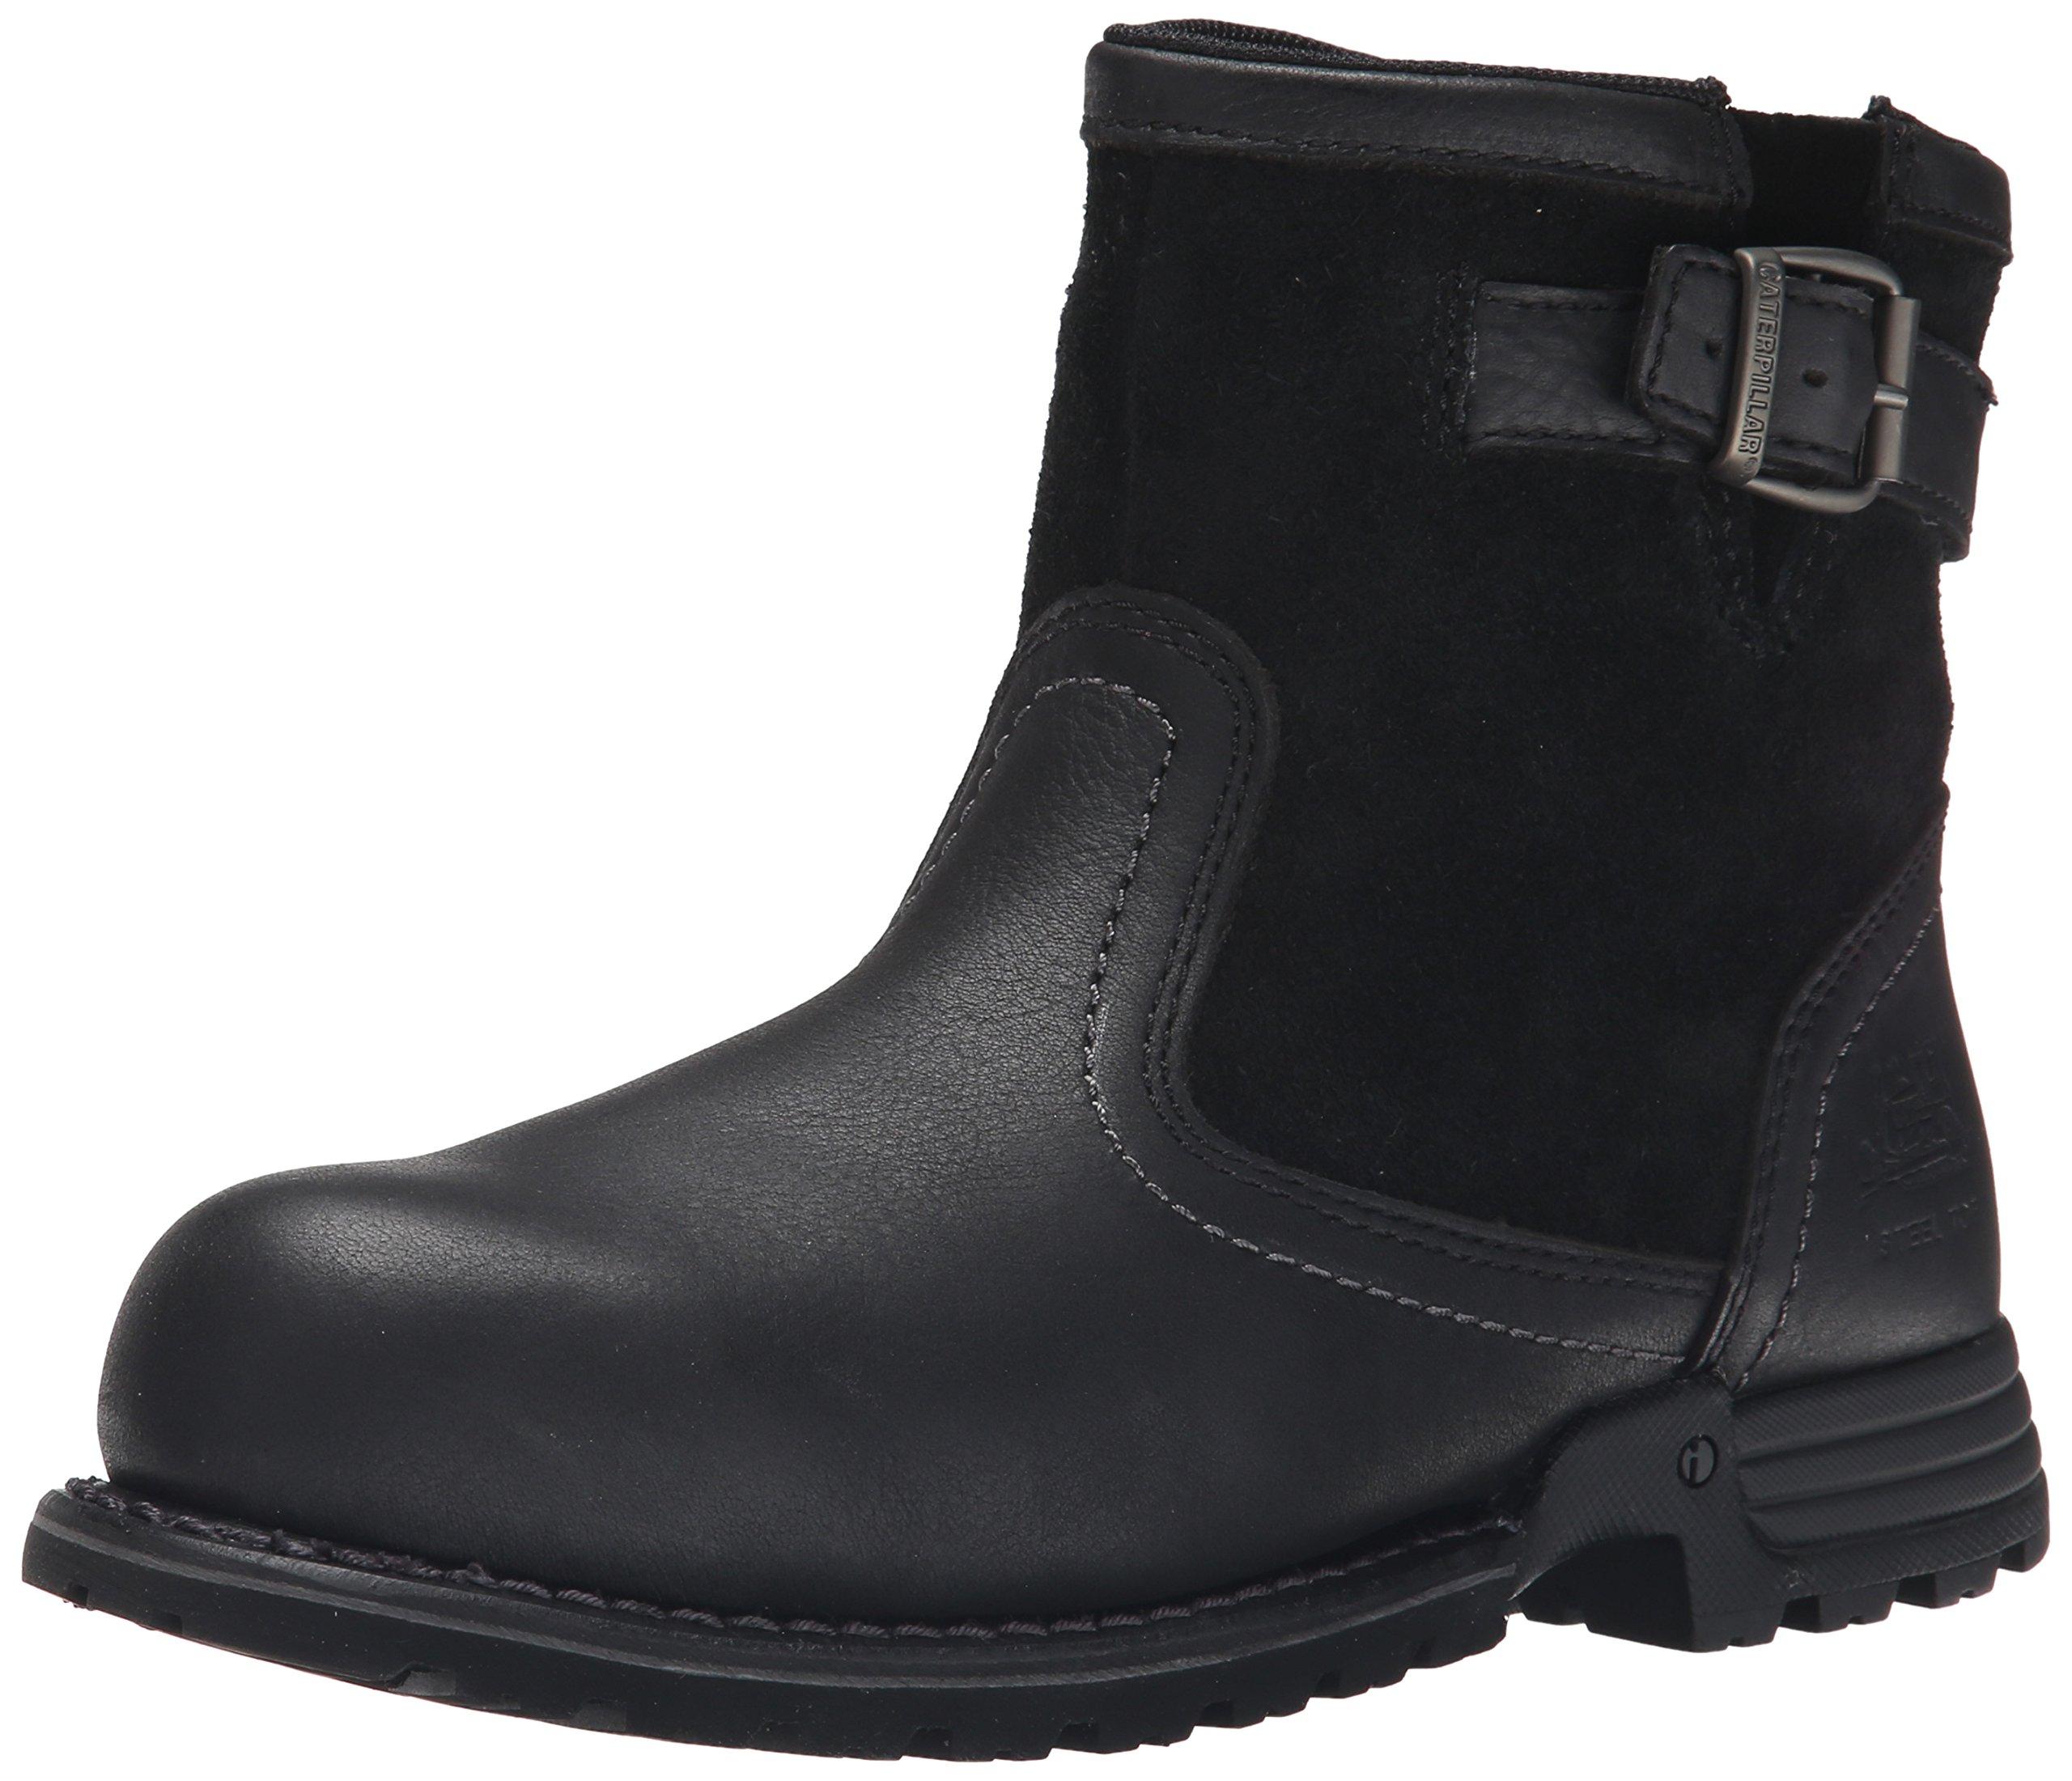 Caterpillar Women's JACE ST/Black Industrial Boot, 08.0 M US by Caterpillar